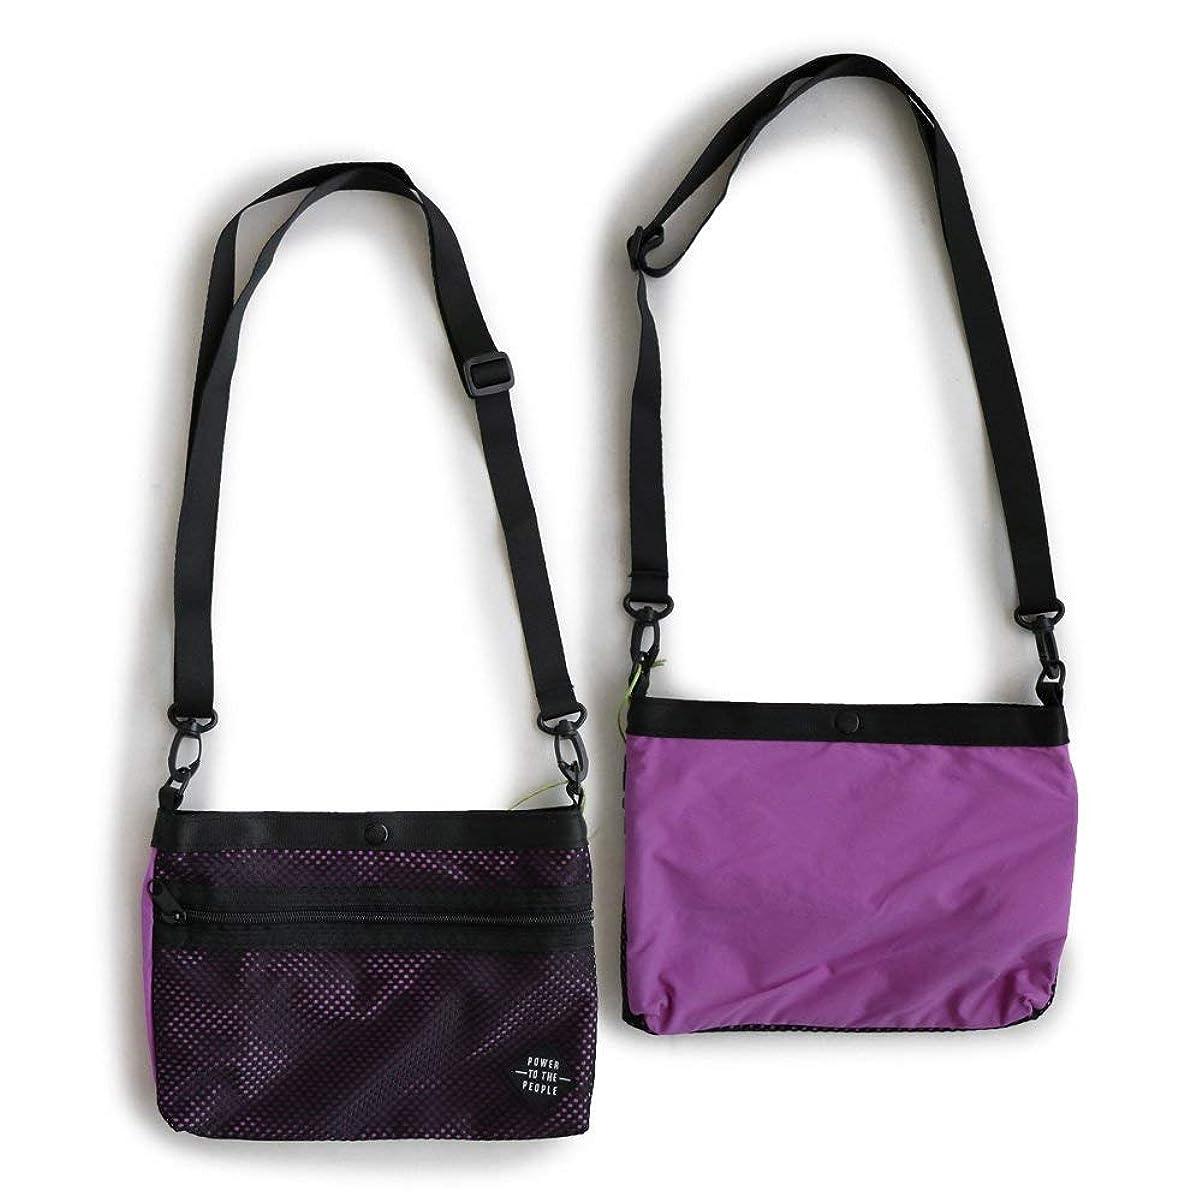 一緒にハーネスメロディアスムービング サコッシュ バッグ かばん 鞄 ミニバッグ 巾着 ストレッチ 撥水 収納 ストラップ取り外し可能